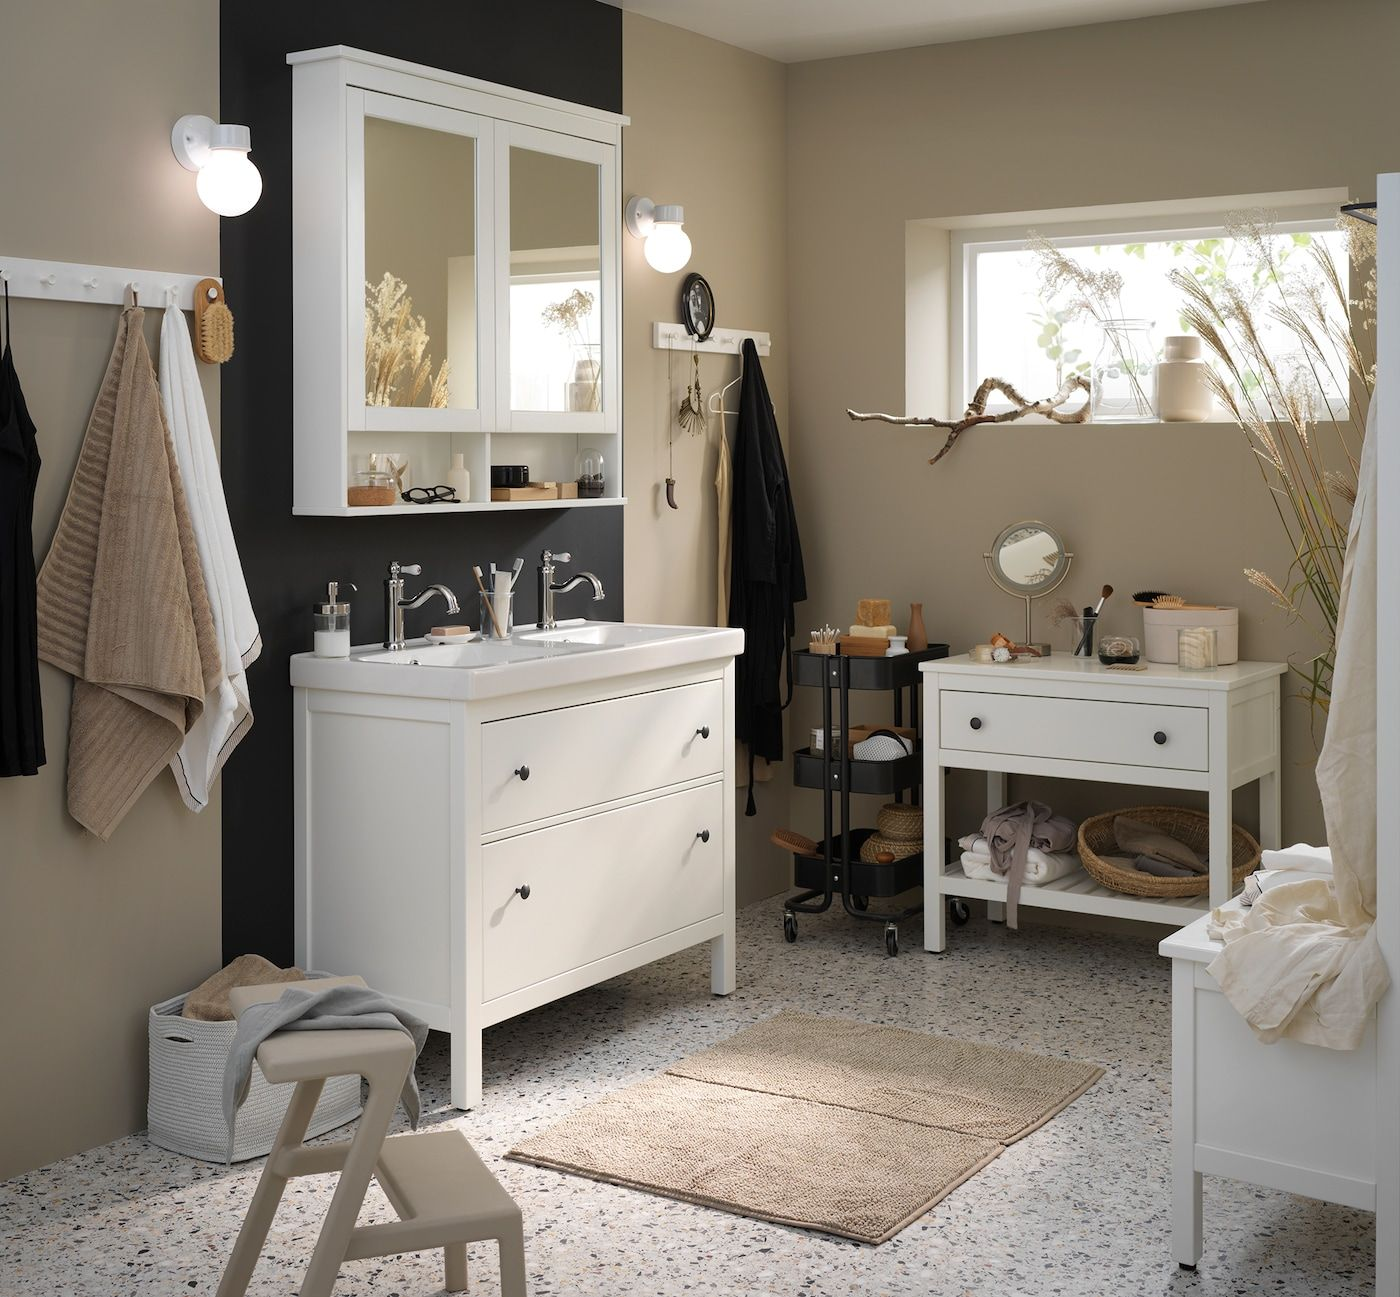 Bad Mit Hemnes Serie Modern Einrichten In 2020 Ikea Badezimmer Badezimmer Hemnes